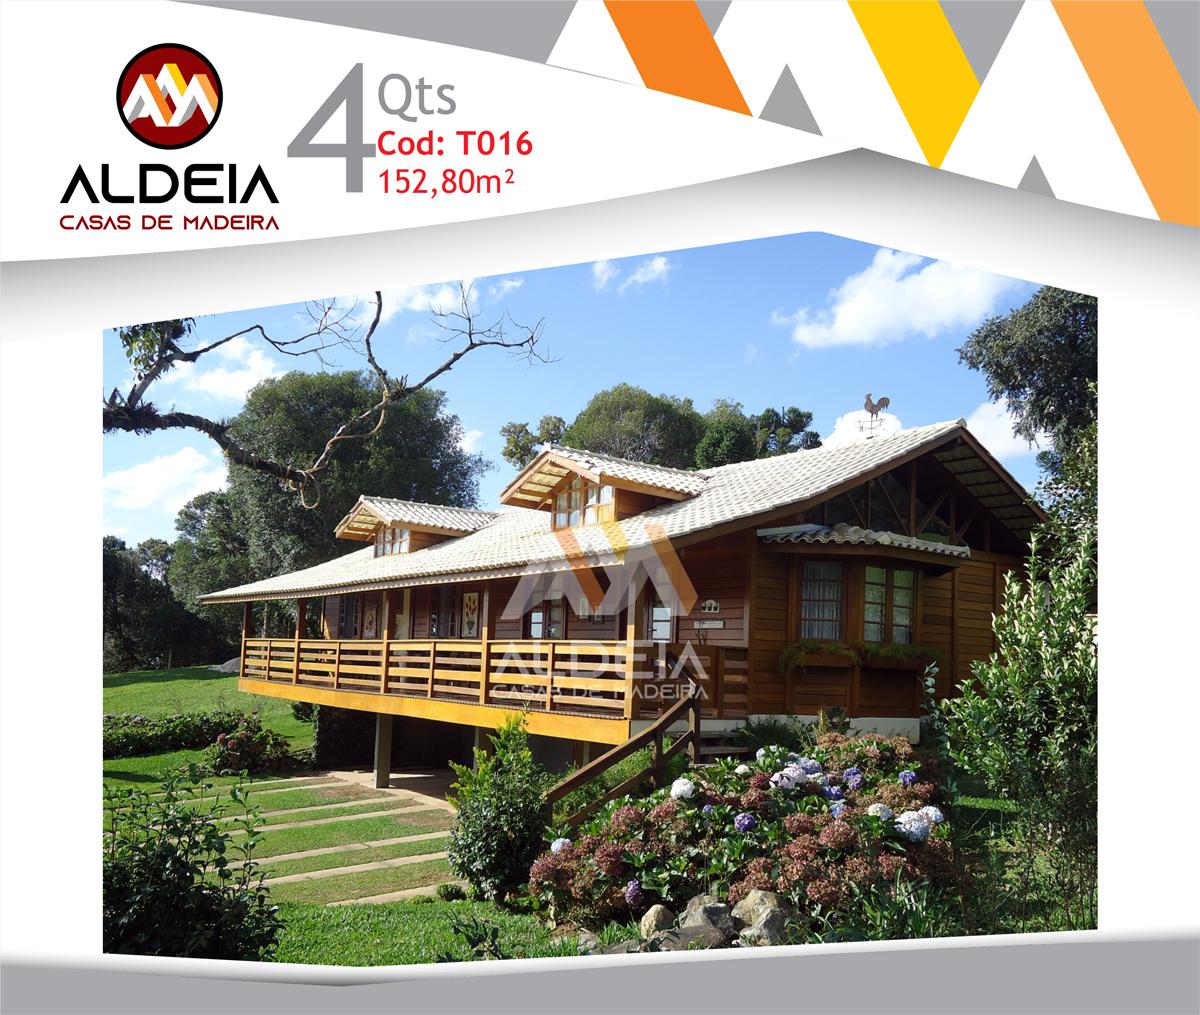 aldeia-casas-madeira-fachada-T016